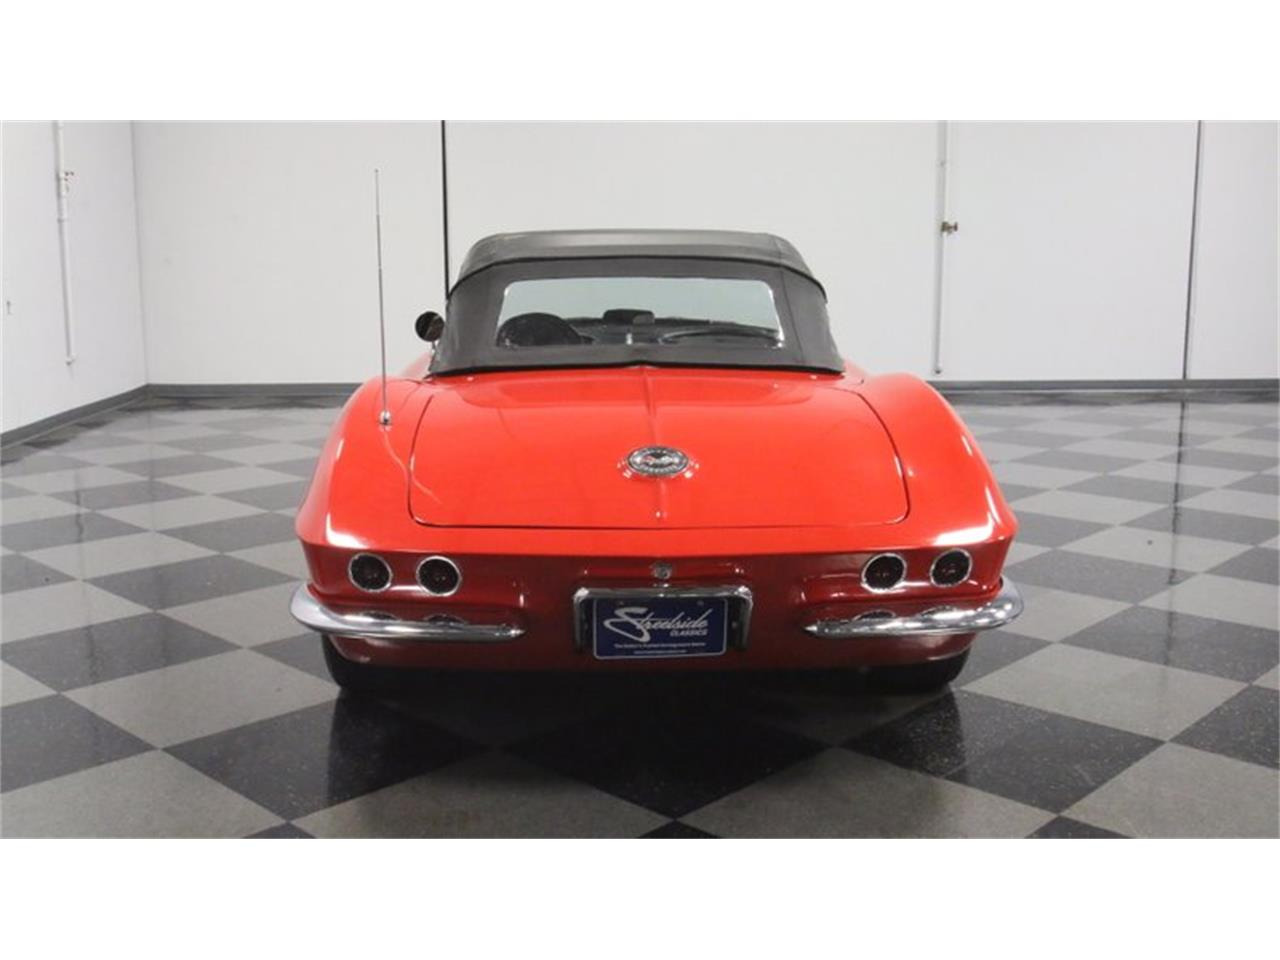 Large Picture of Classic 1962 Corvette located in Georgia - $60,995.00 - Q72N